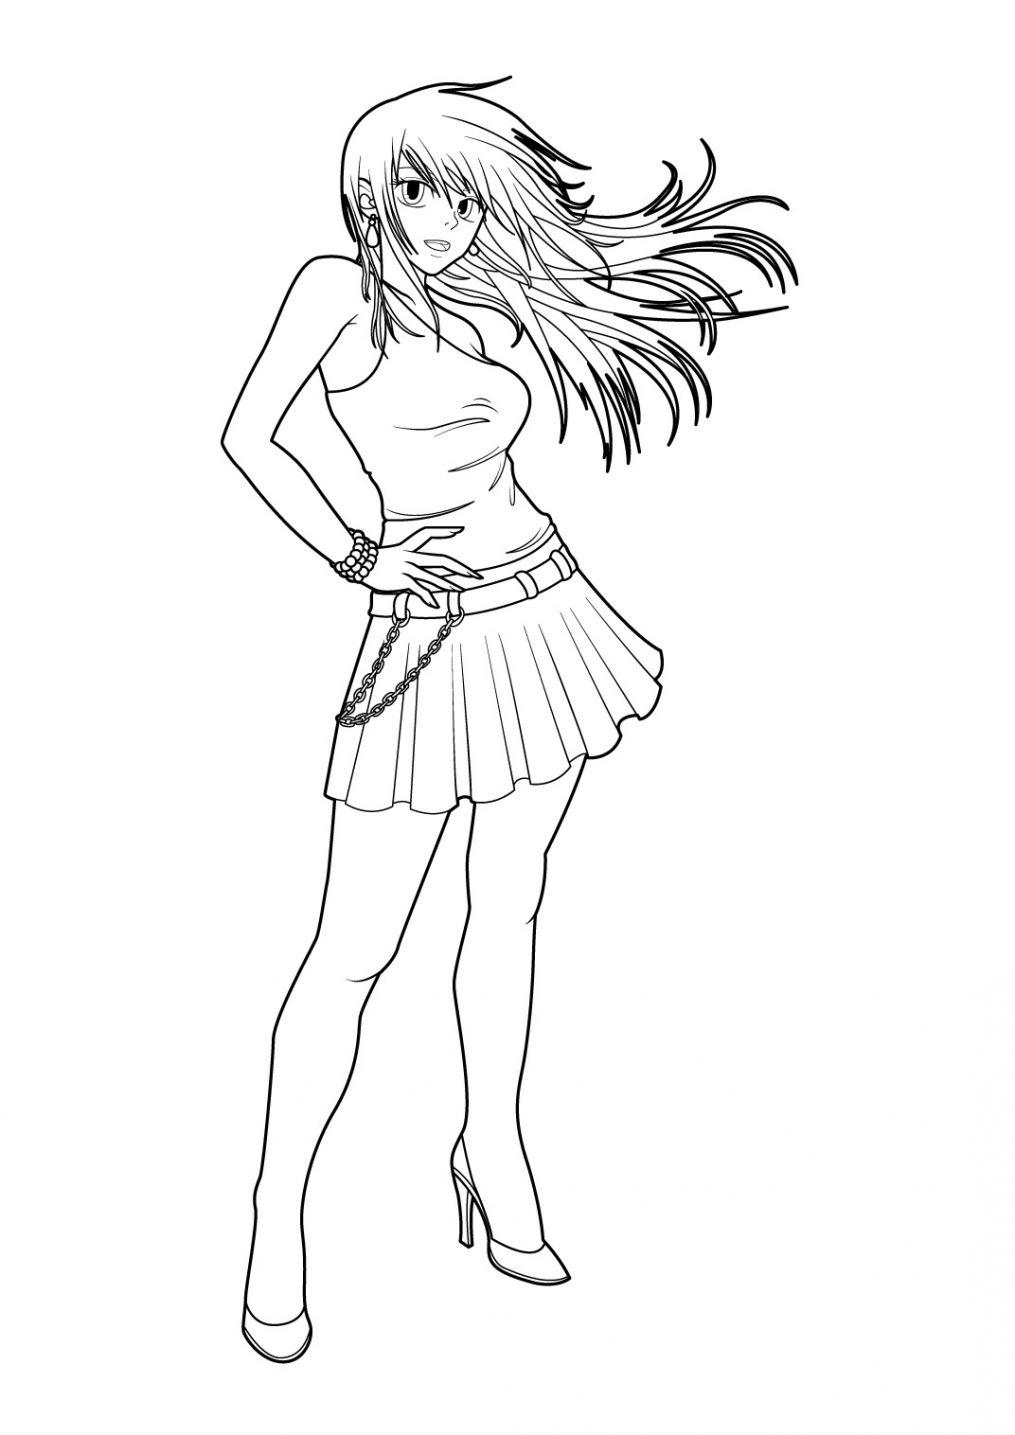 Comment dessiner des personnages de manga - Comment colorier un manga ...